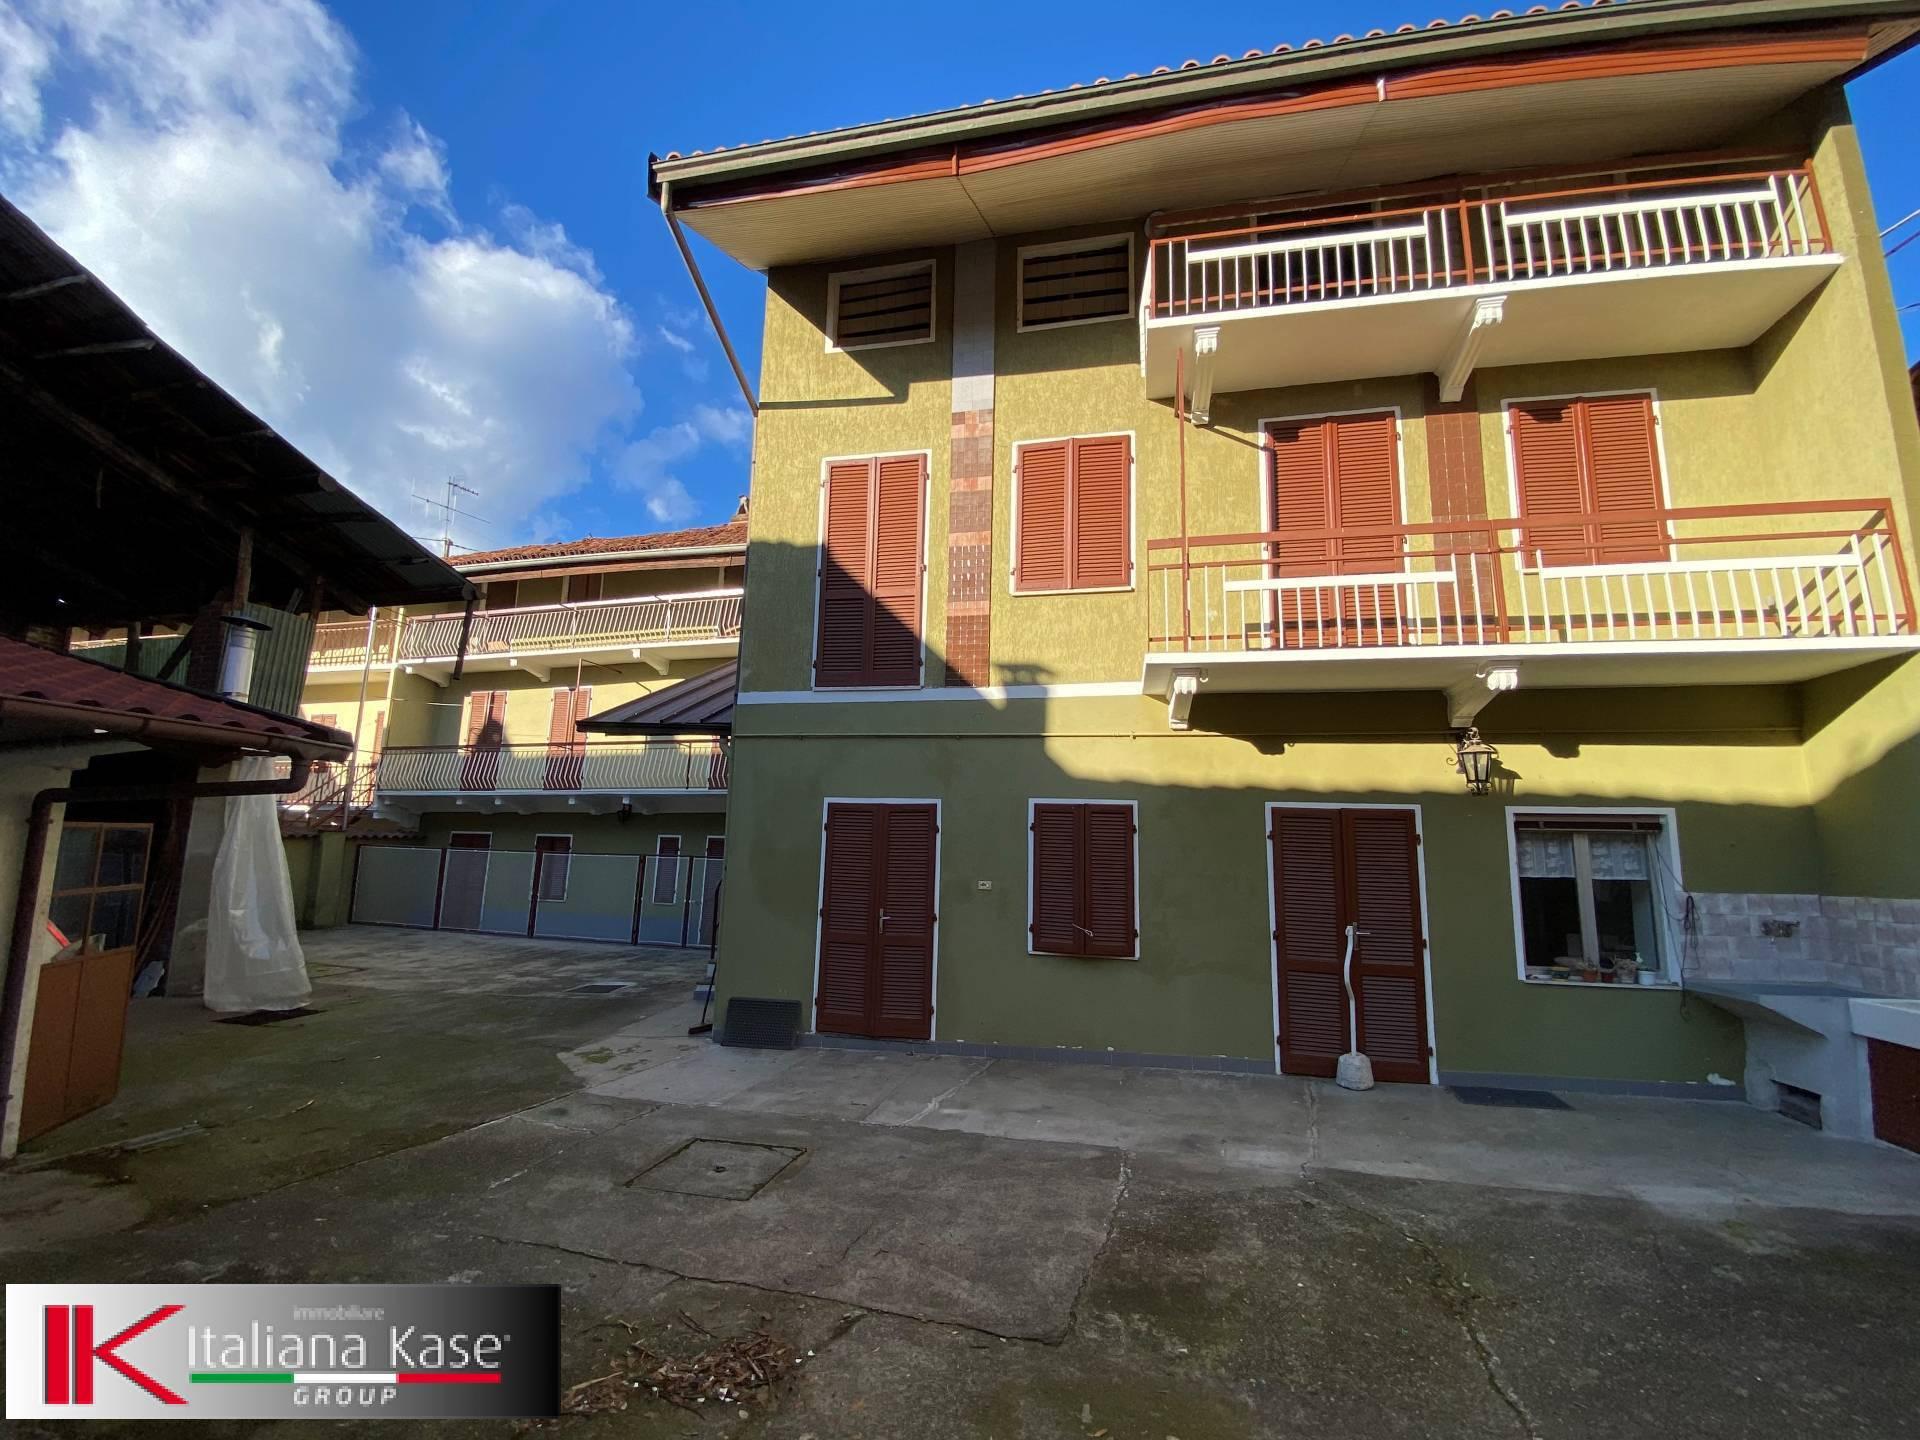 Soluzione Semindipendente in vendita a Mercenasco, 8 locali, prezzo € 58.000 | PortaleAgenzieImmobiliari.it